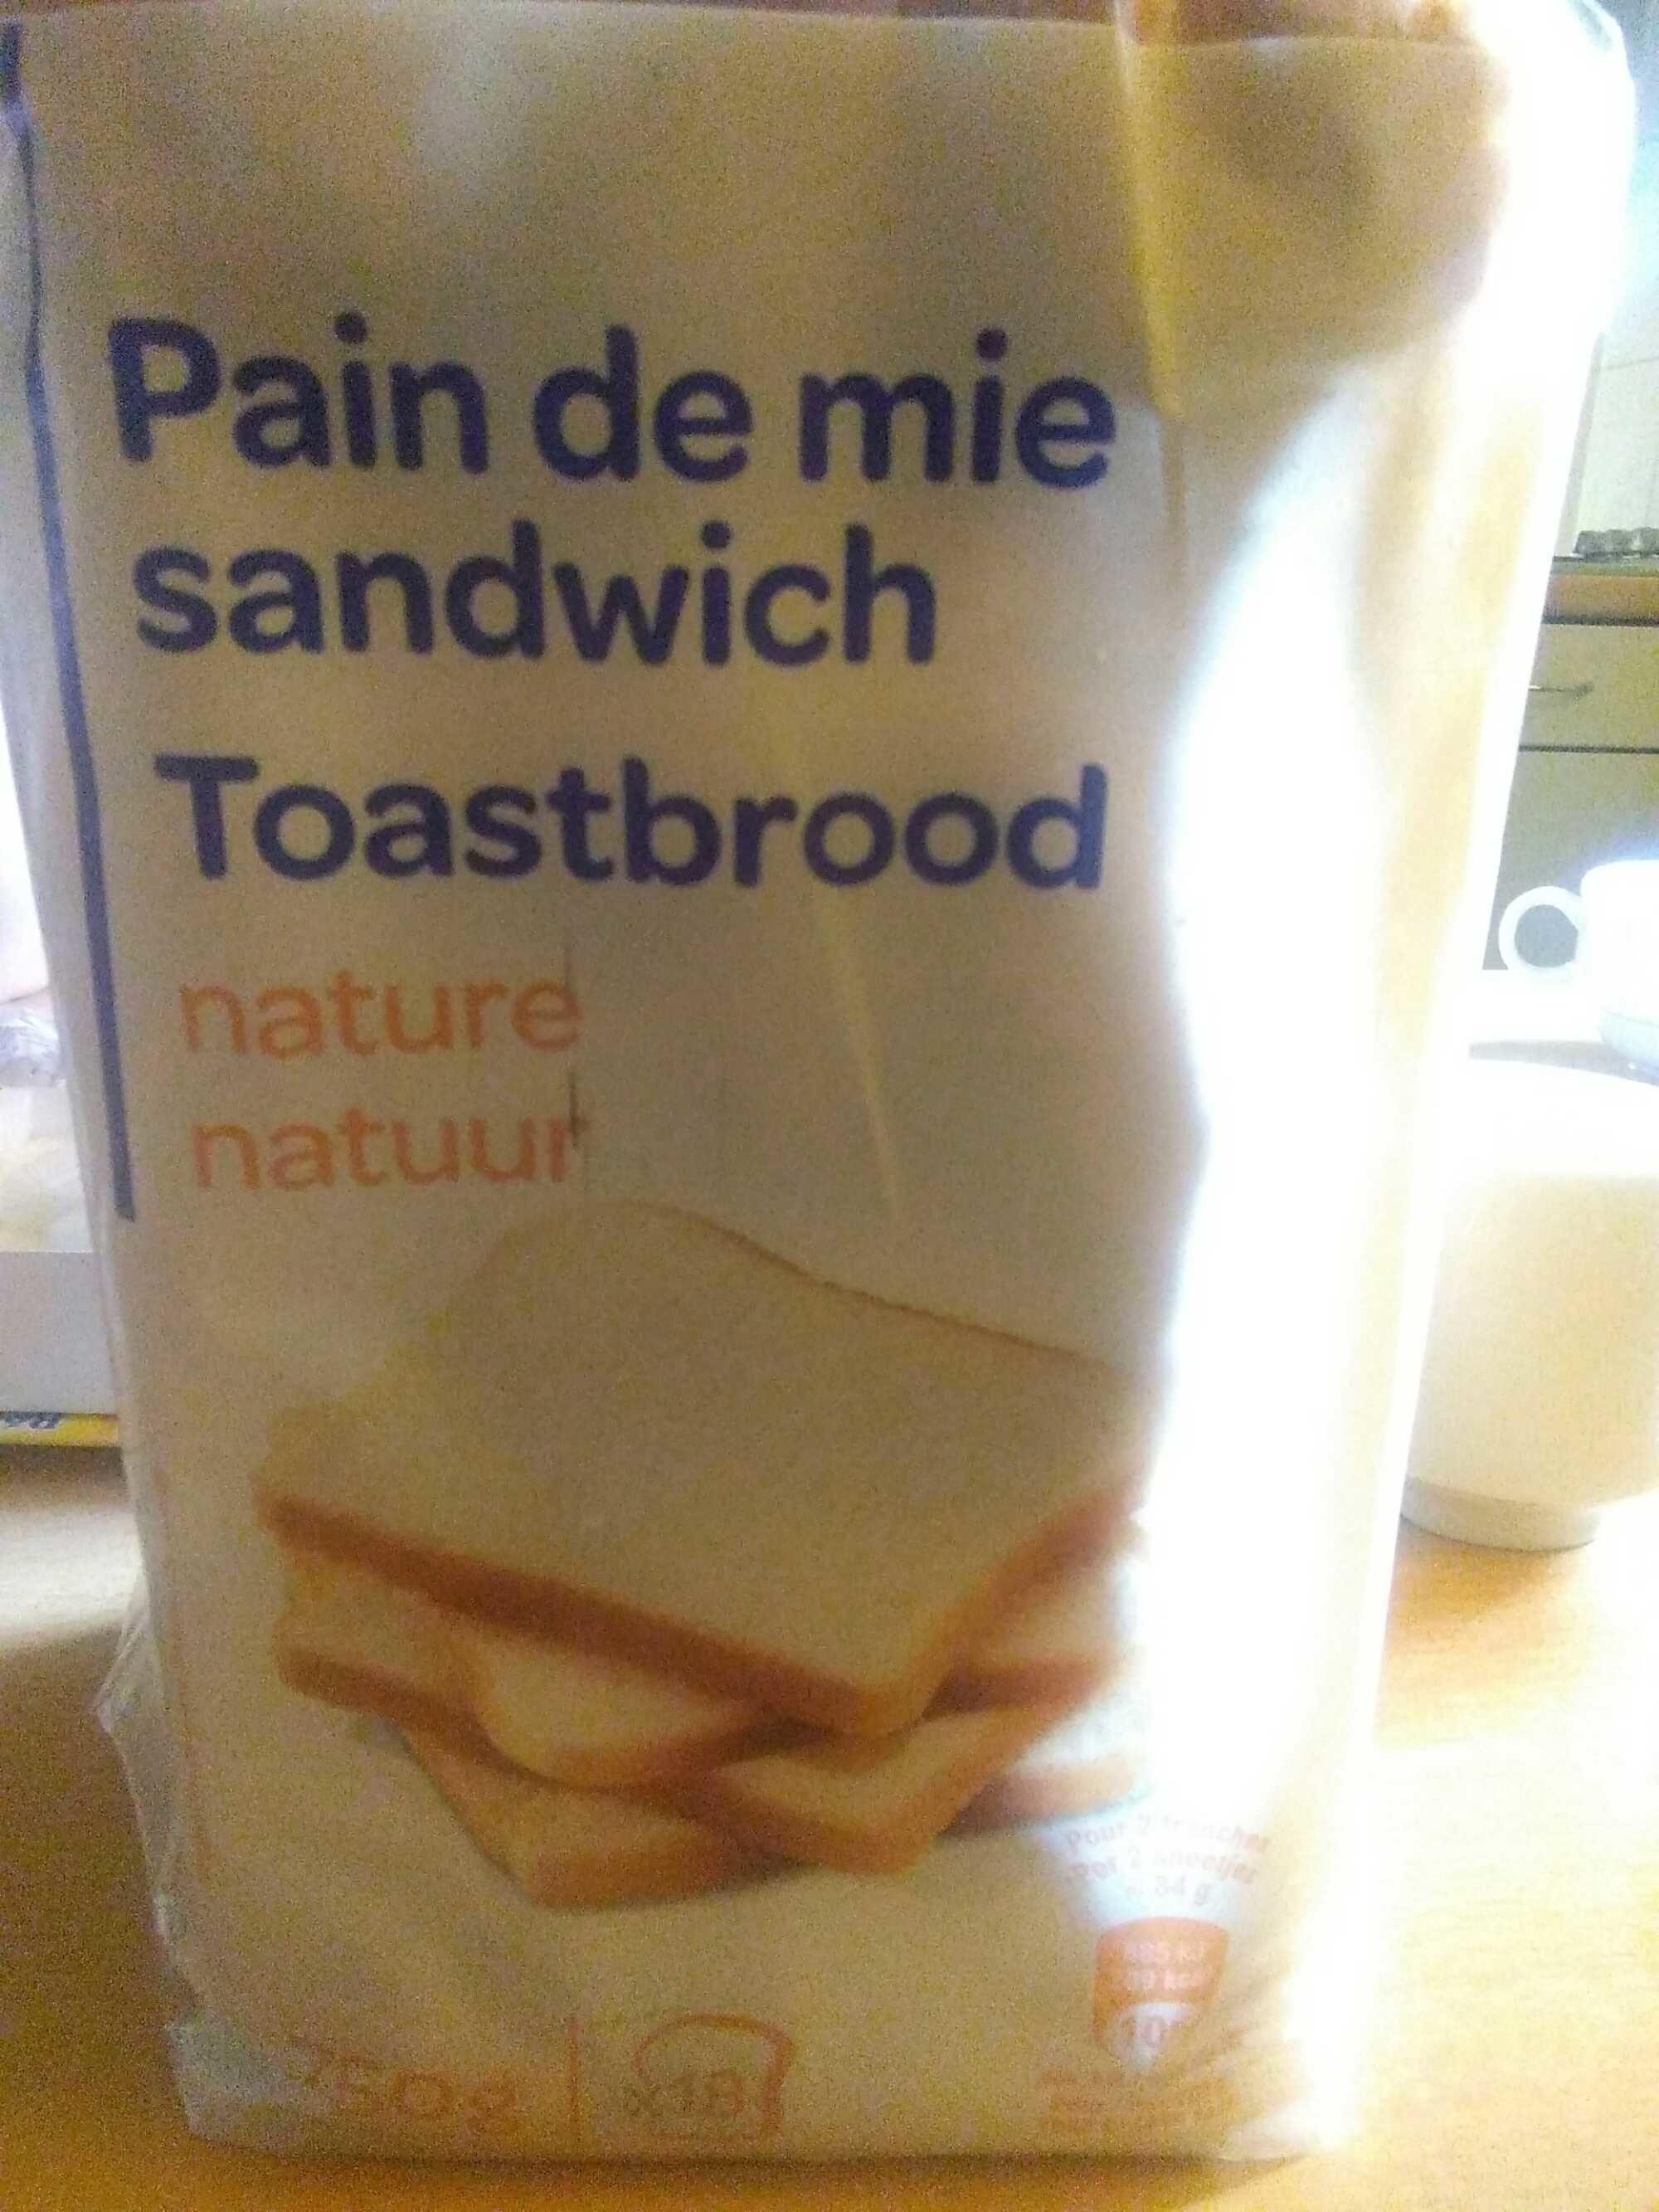 Pain de mie sandwich - Product